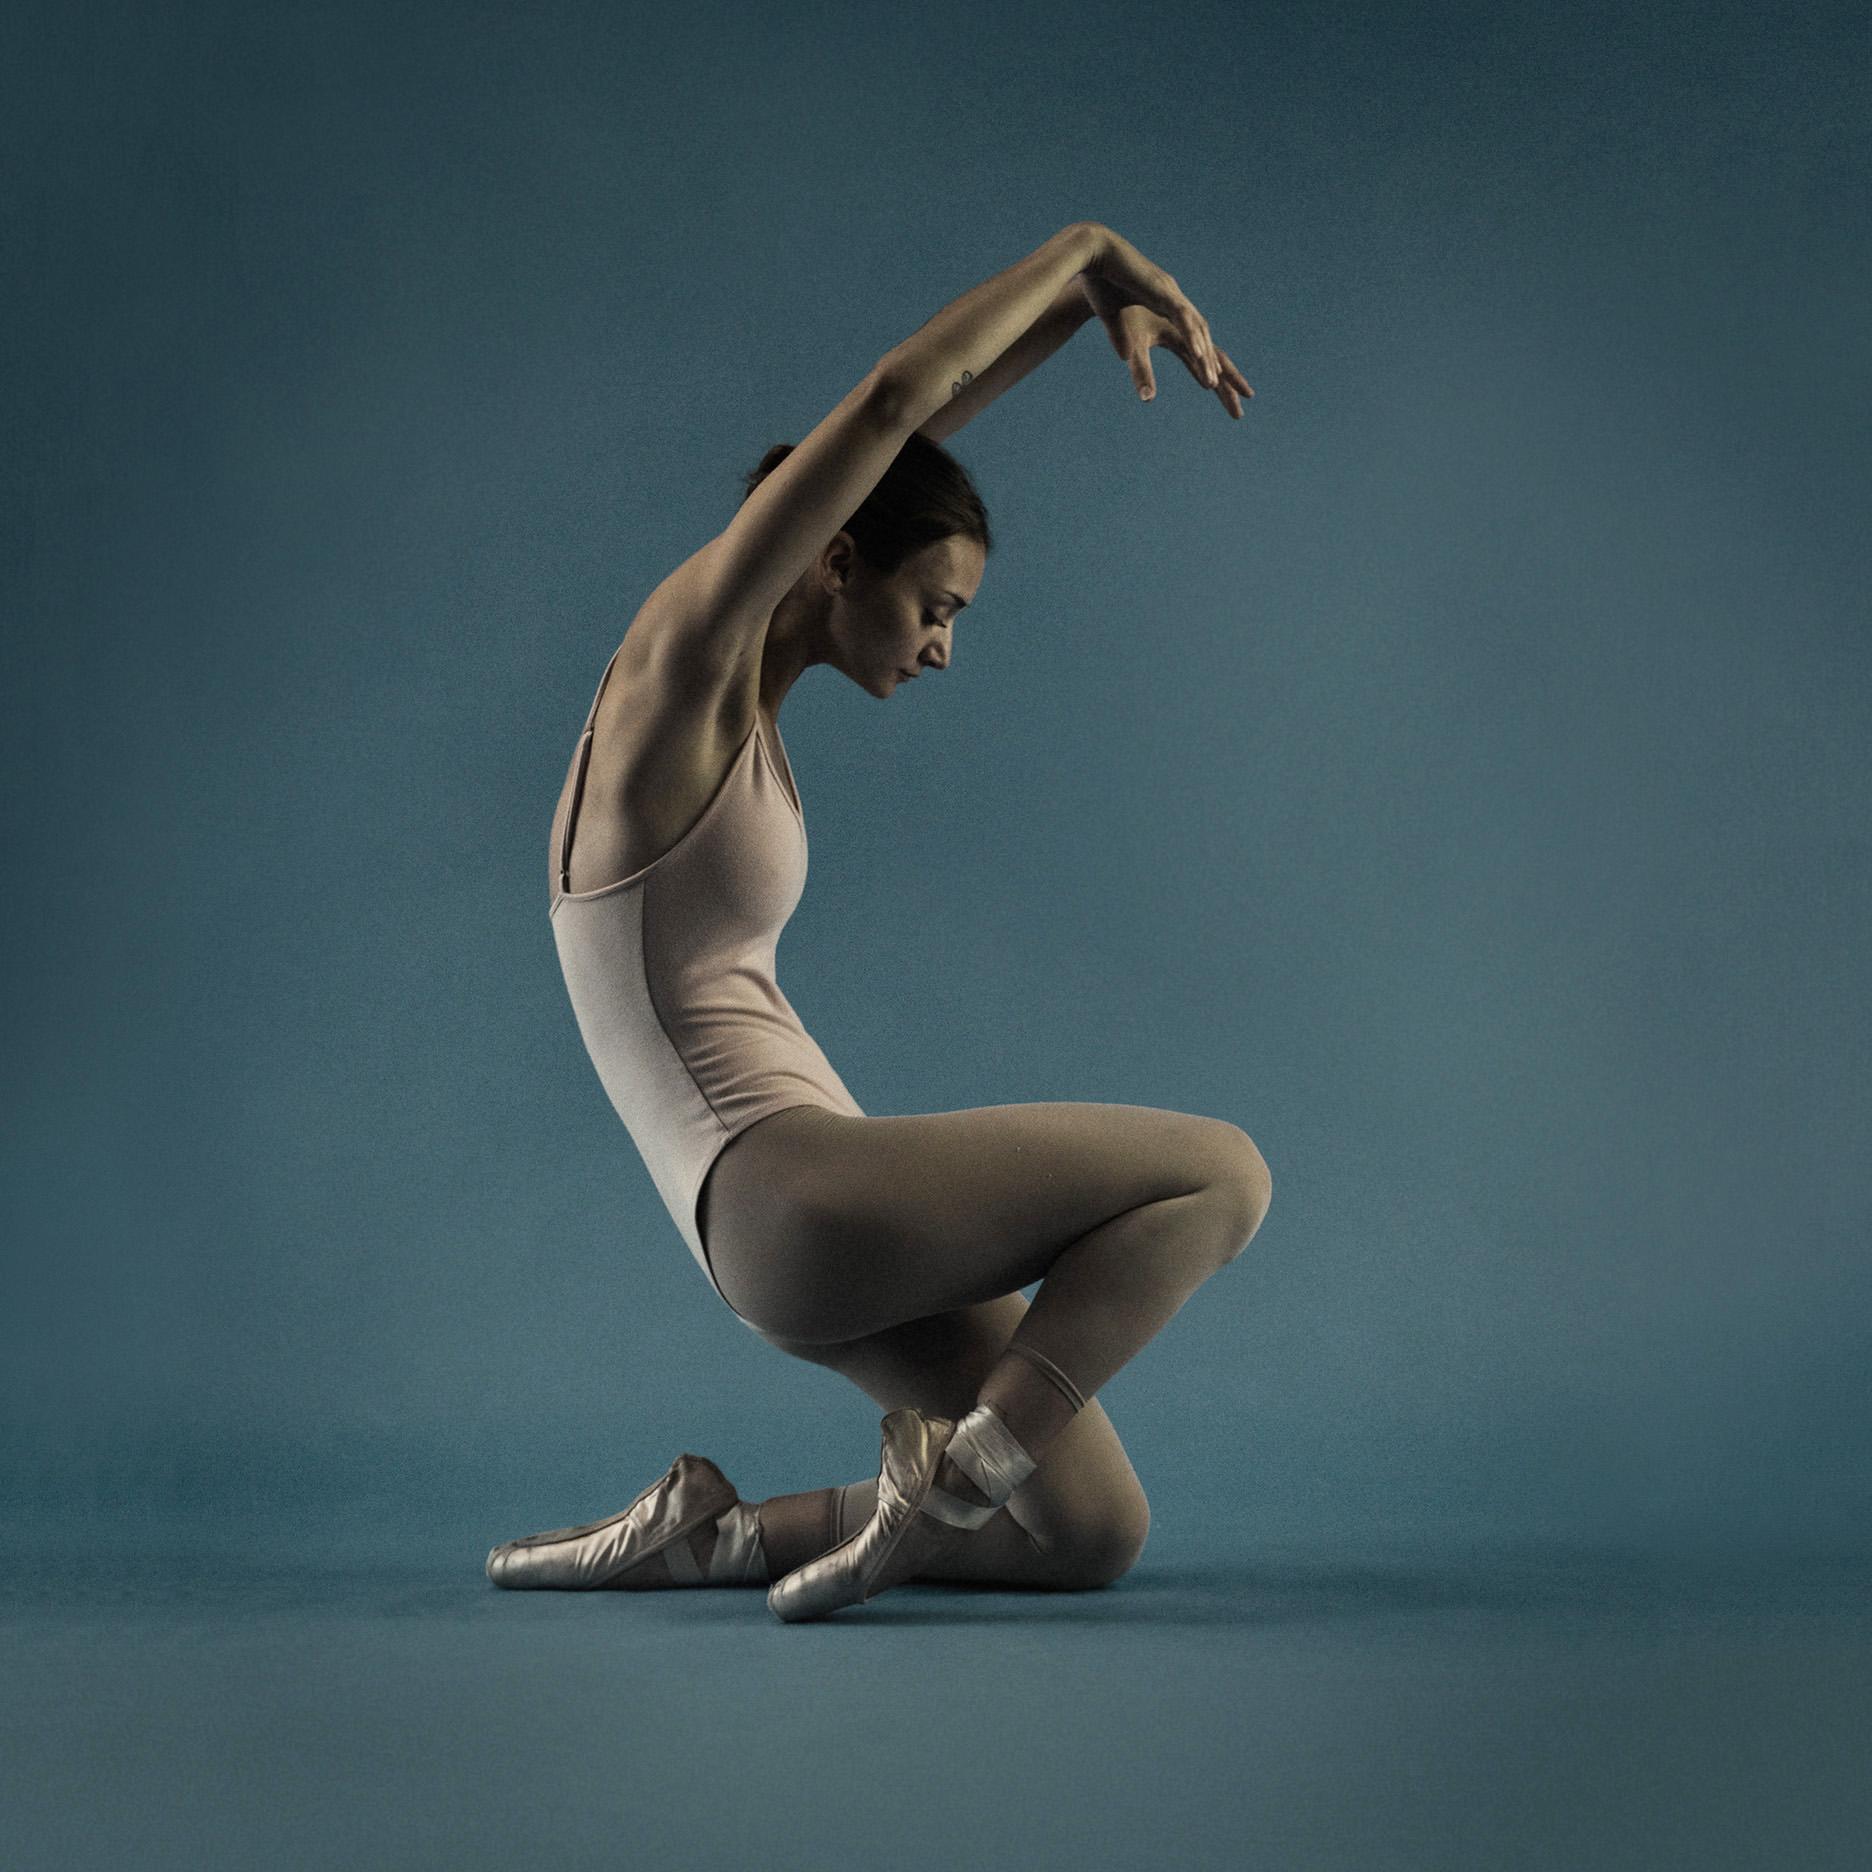 Crouching Ballerina